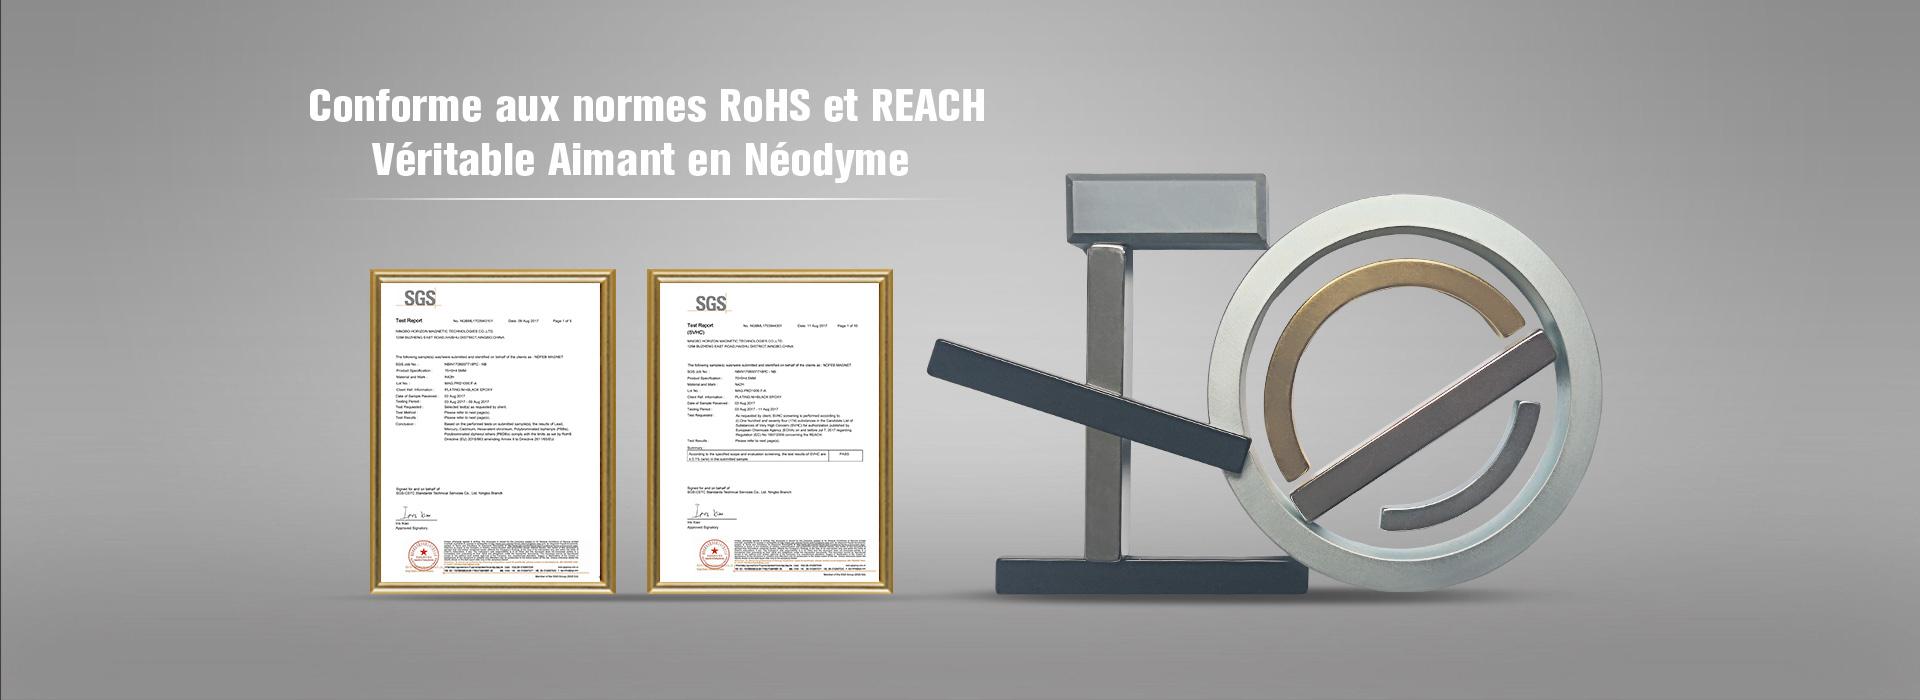 Certificats RoHS et REACH